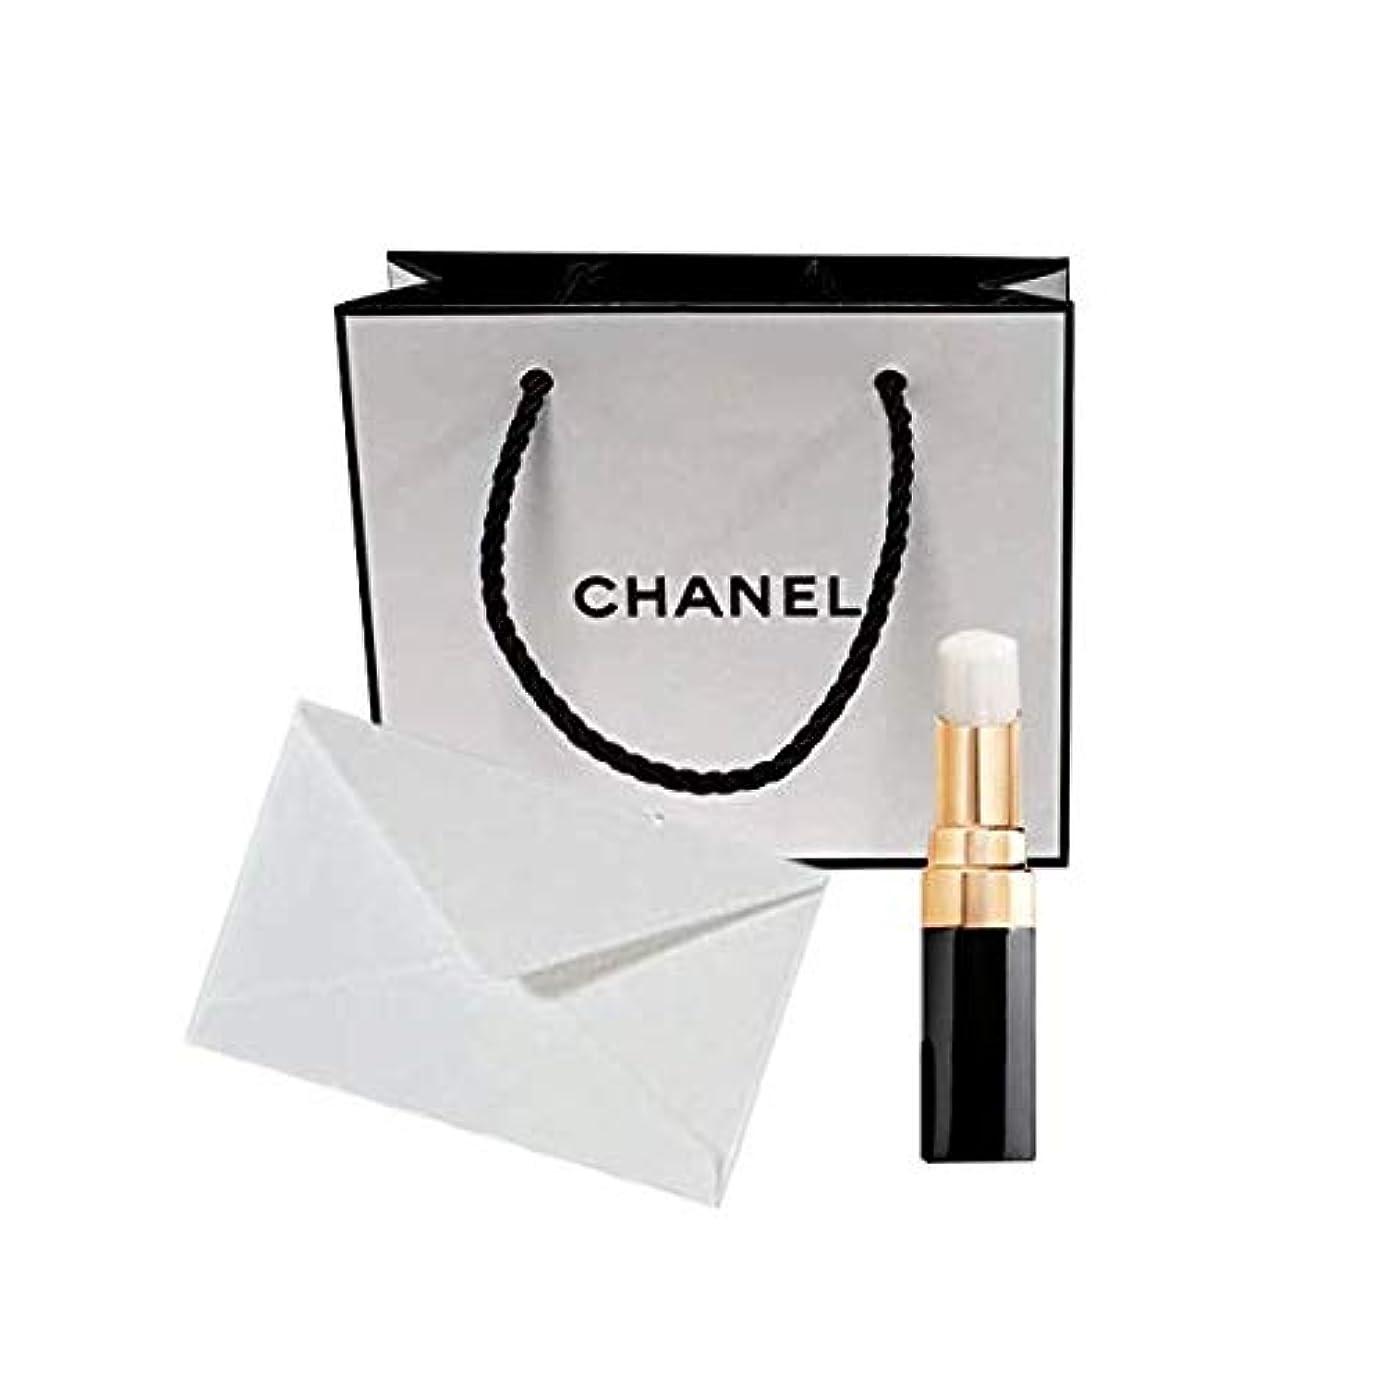 デイジー絶縁する性格CHANEL シャネル ルージュ ココ ボーム